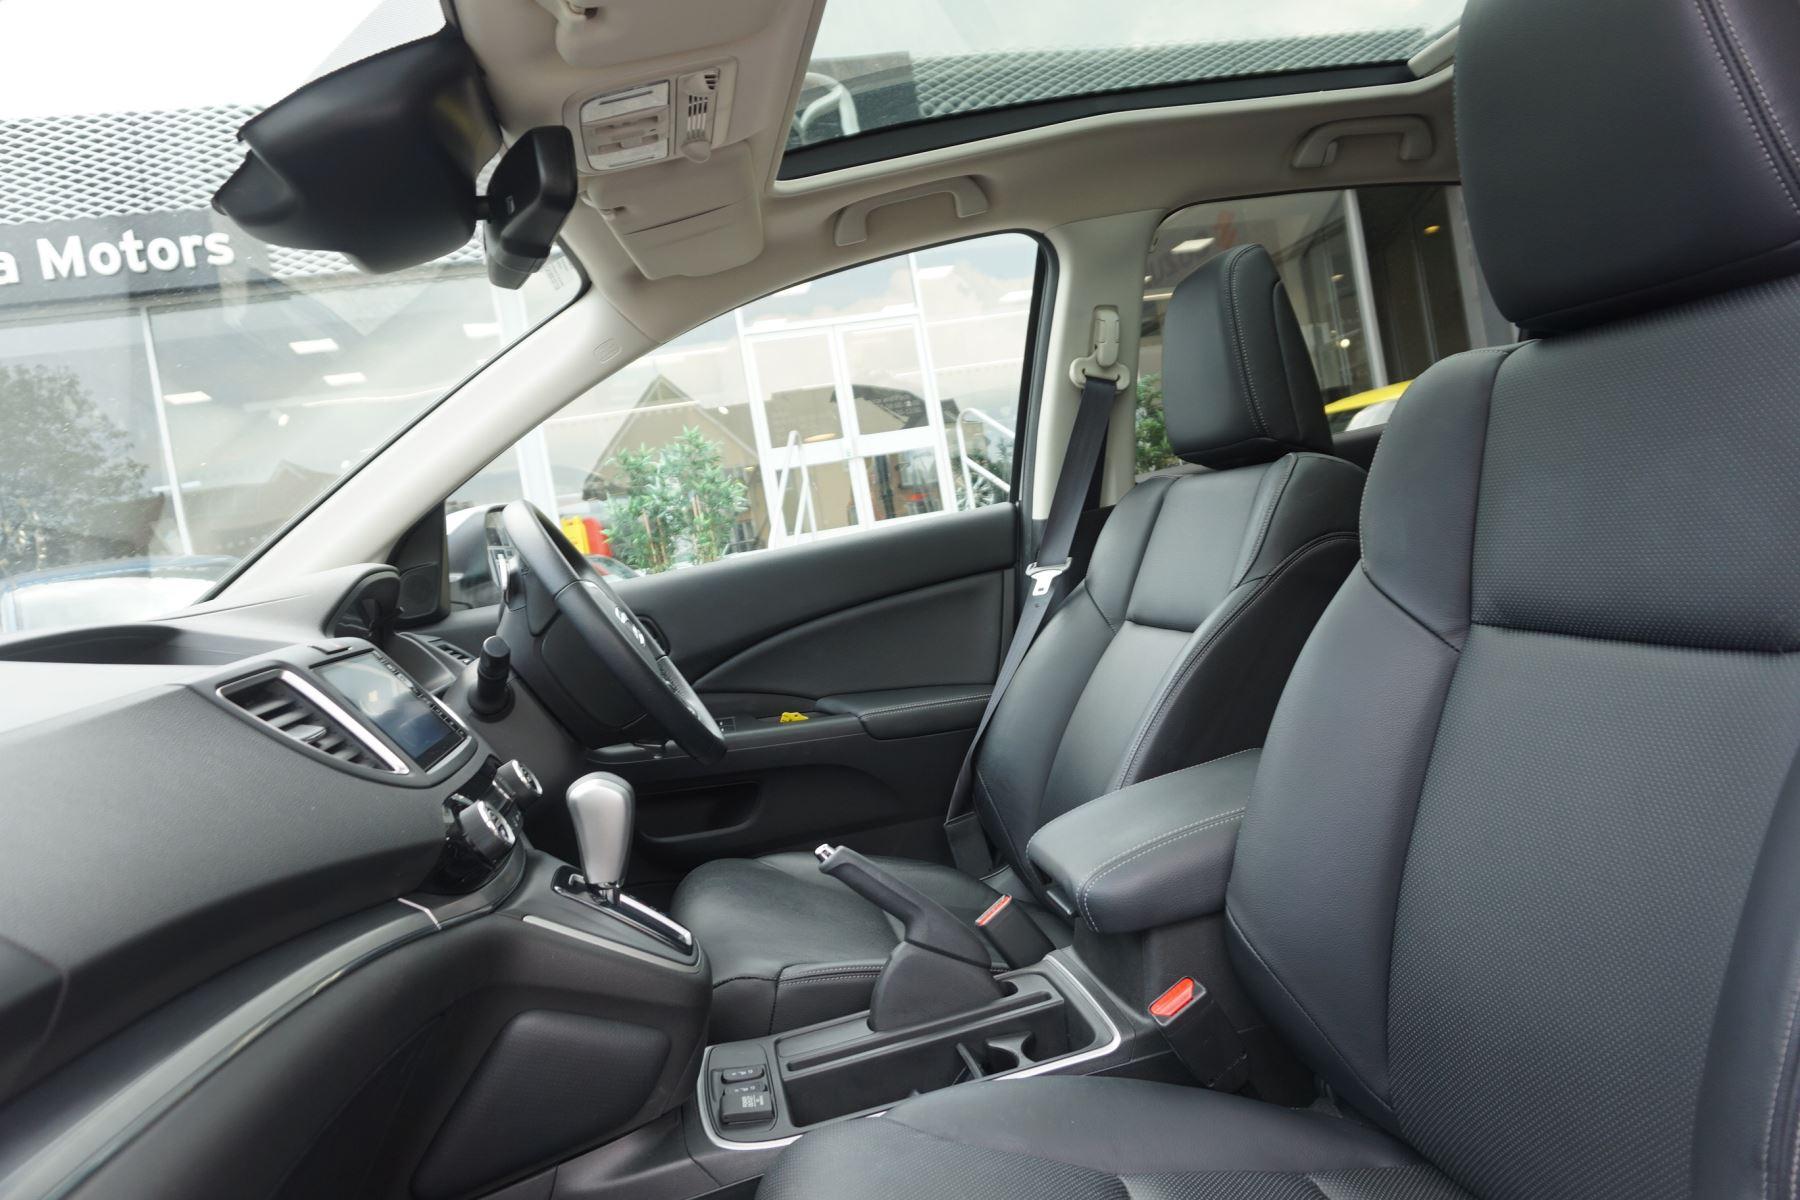 Honda CR-V 2.0 i-VTEC EX 5dr image 8